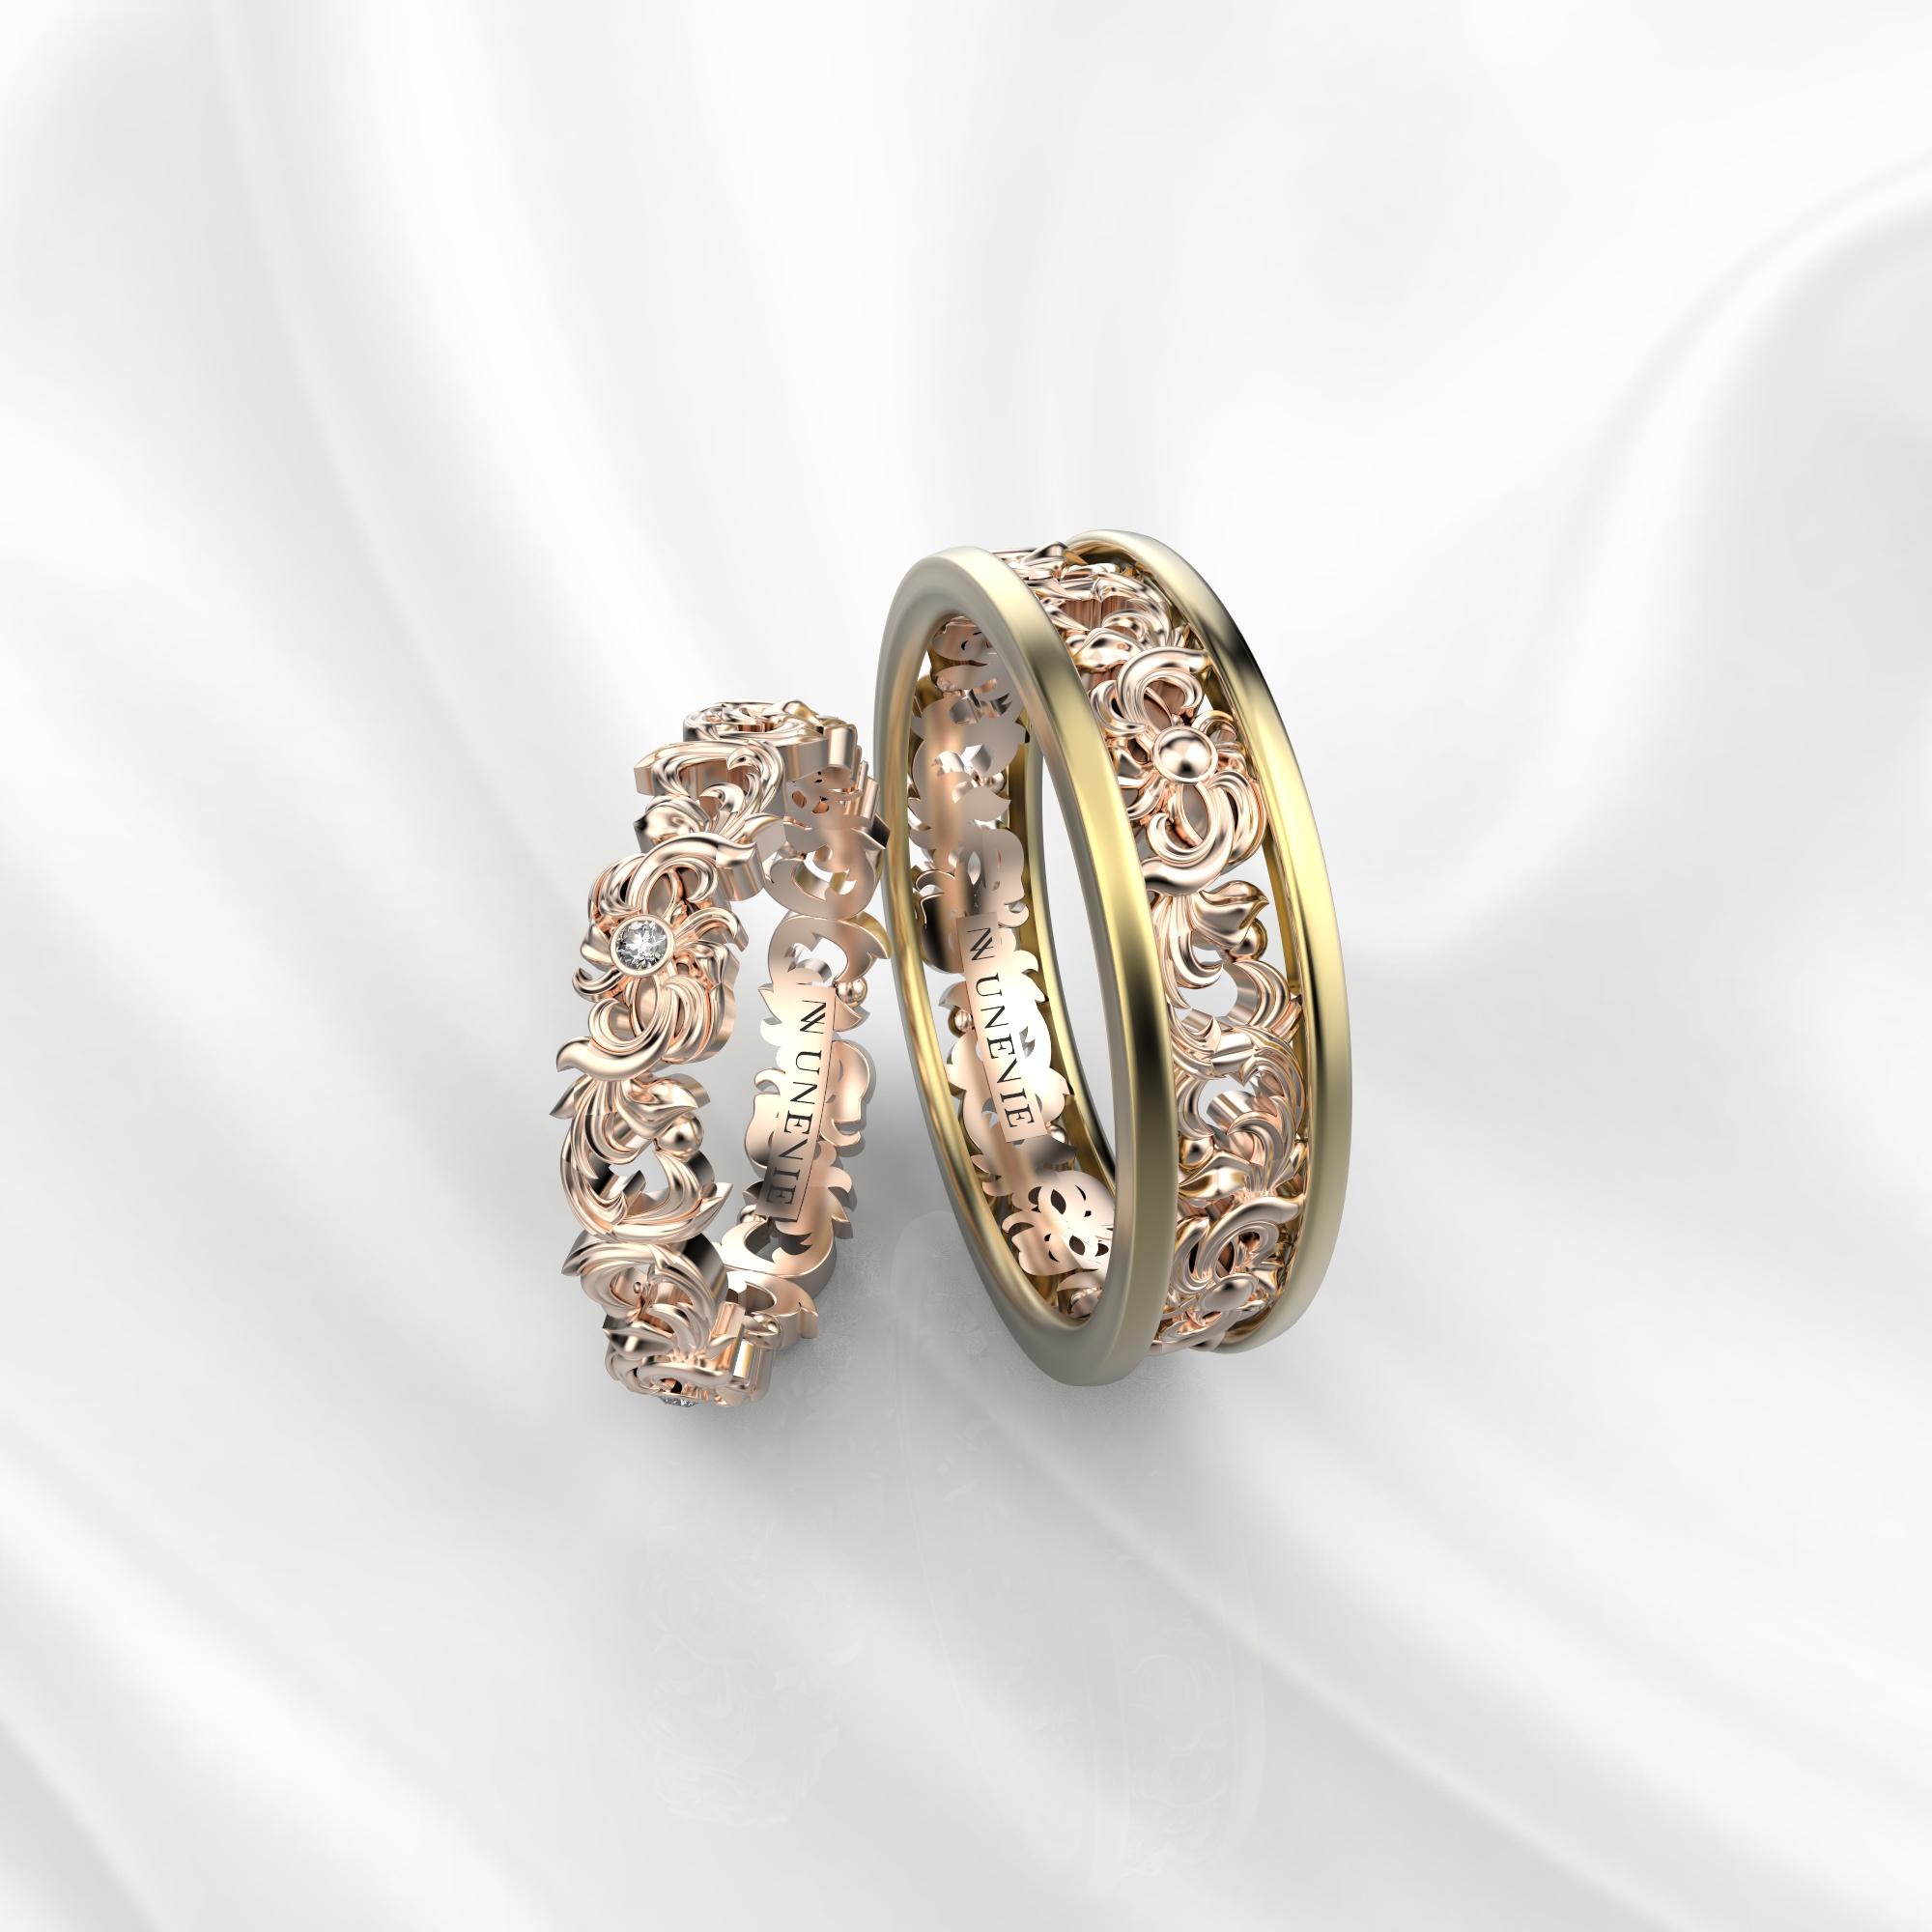 NV57 Парные обручальные кольца из желто-розового золота с бриллиантами